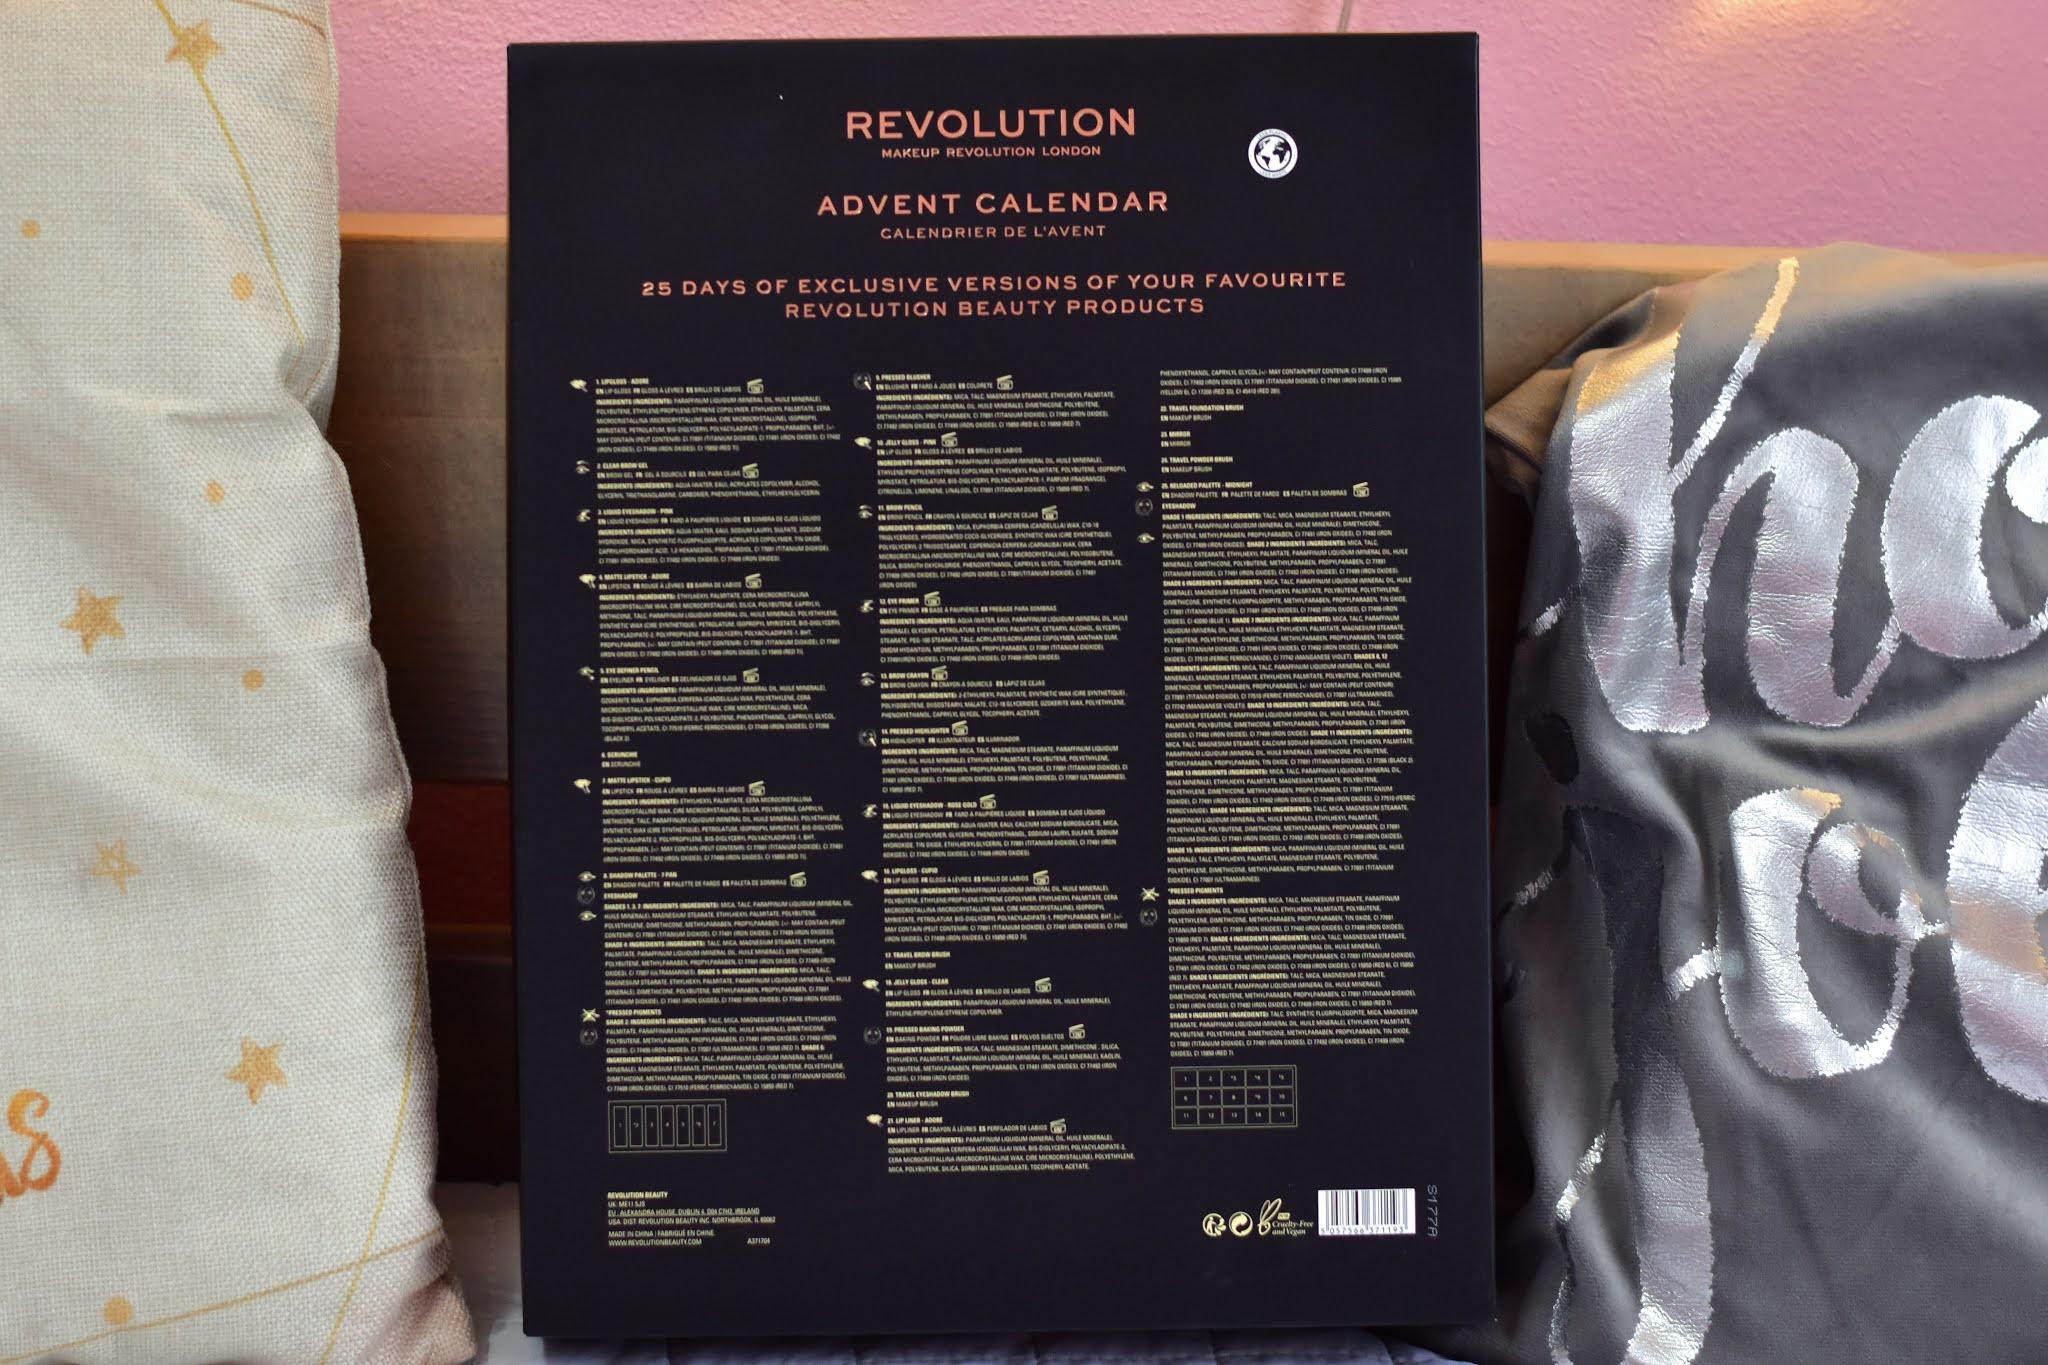 Revolution adventný kalendár